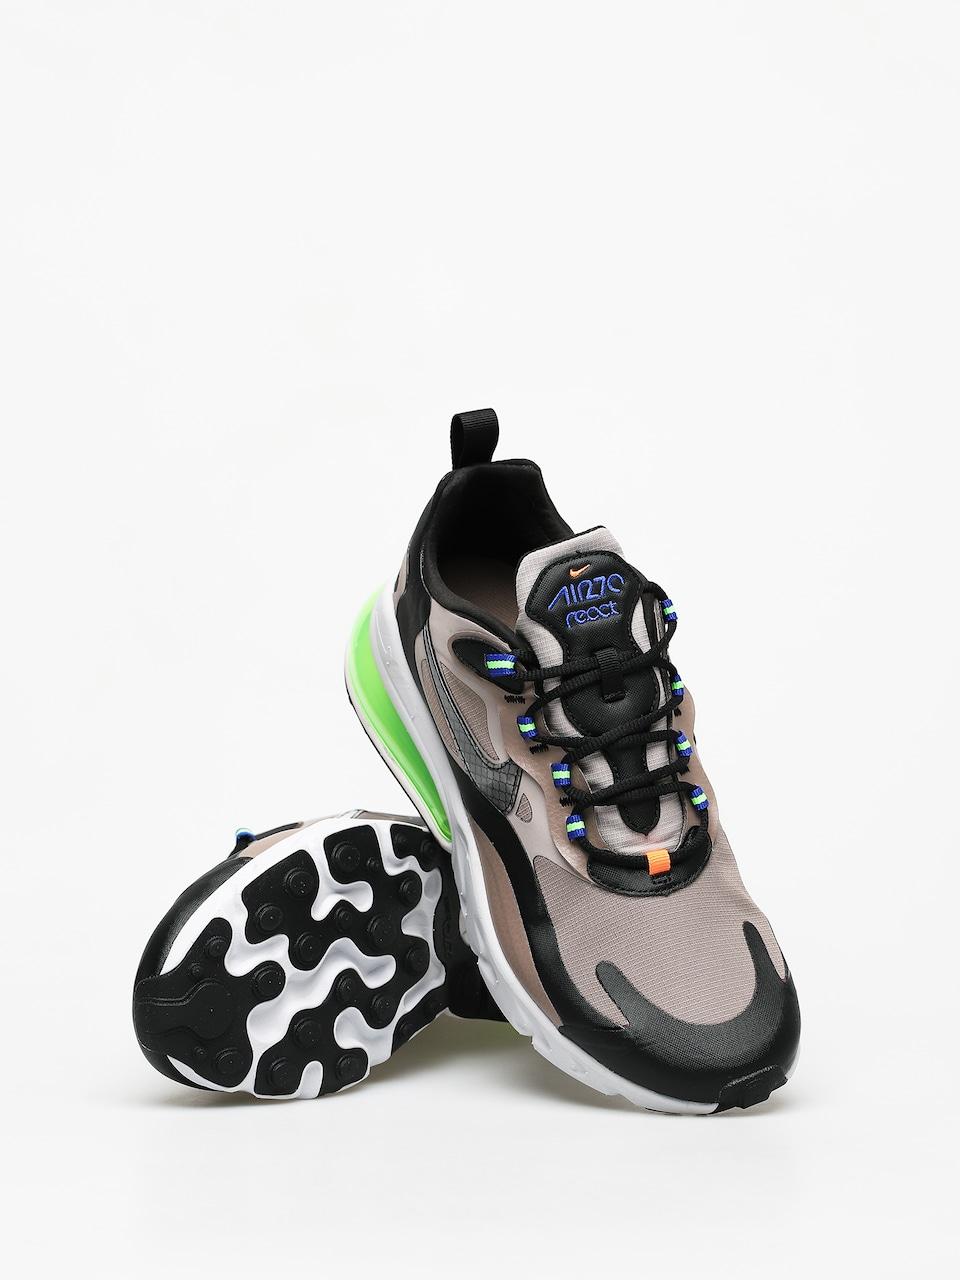 Nike air max 270 Buty sportowe męskie Ceneo.pl